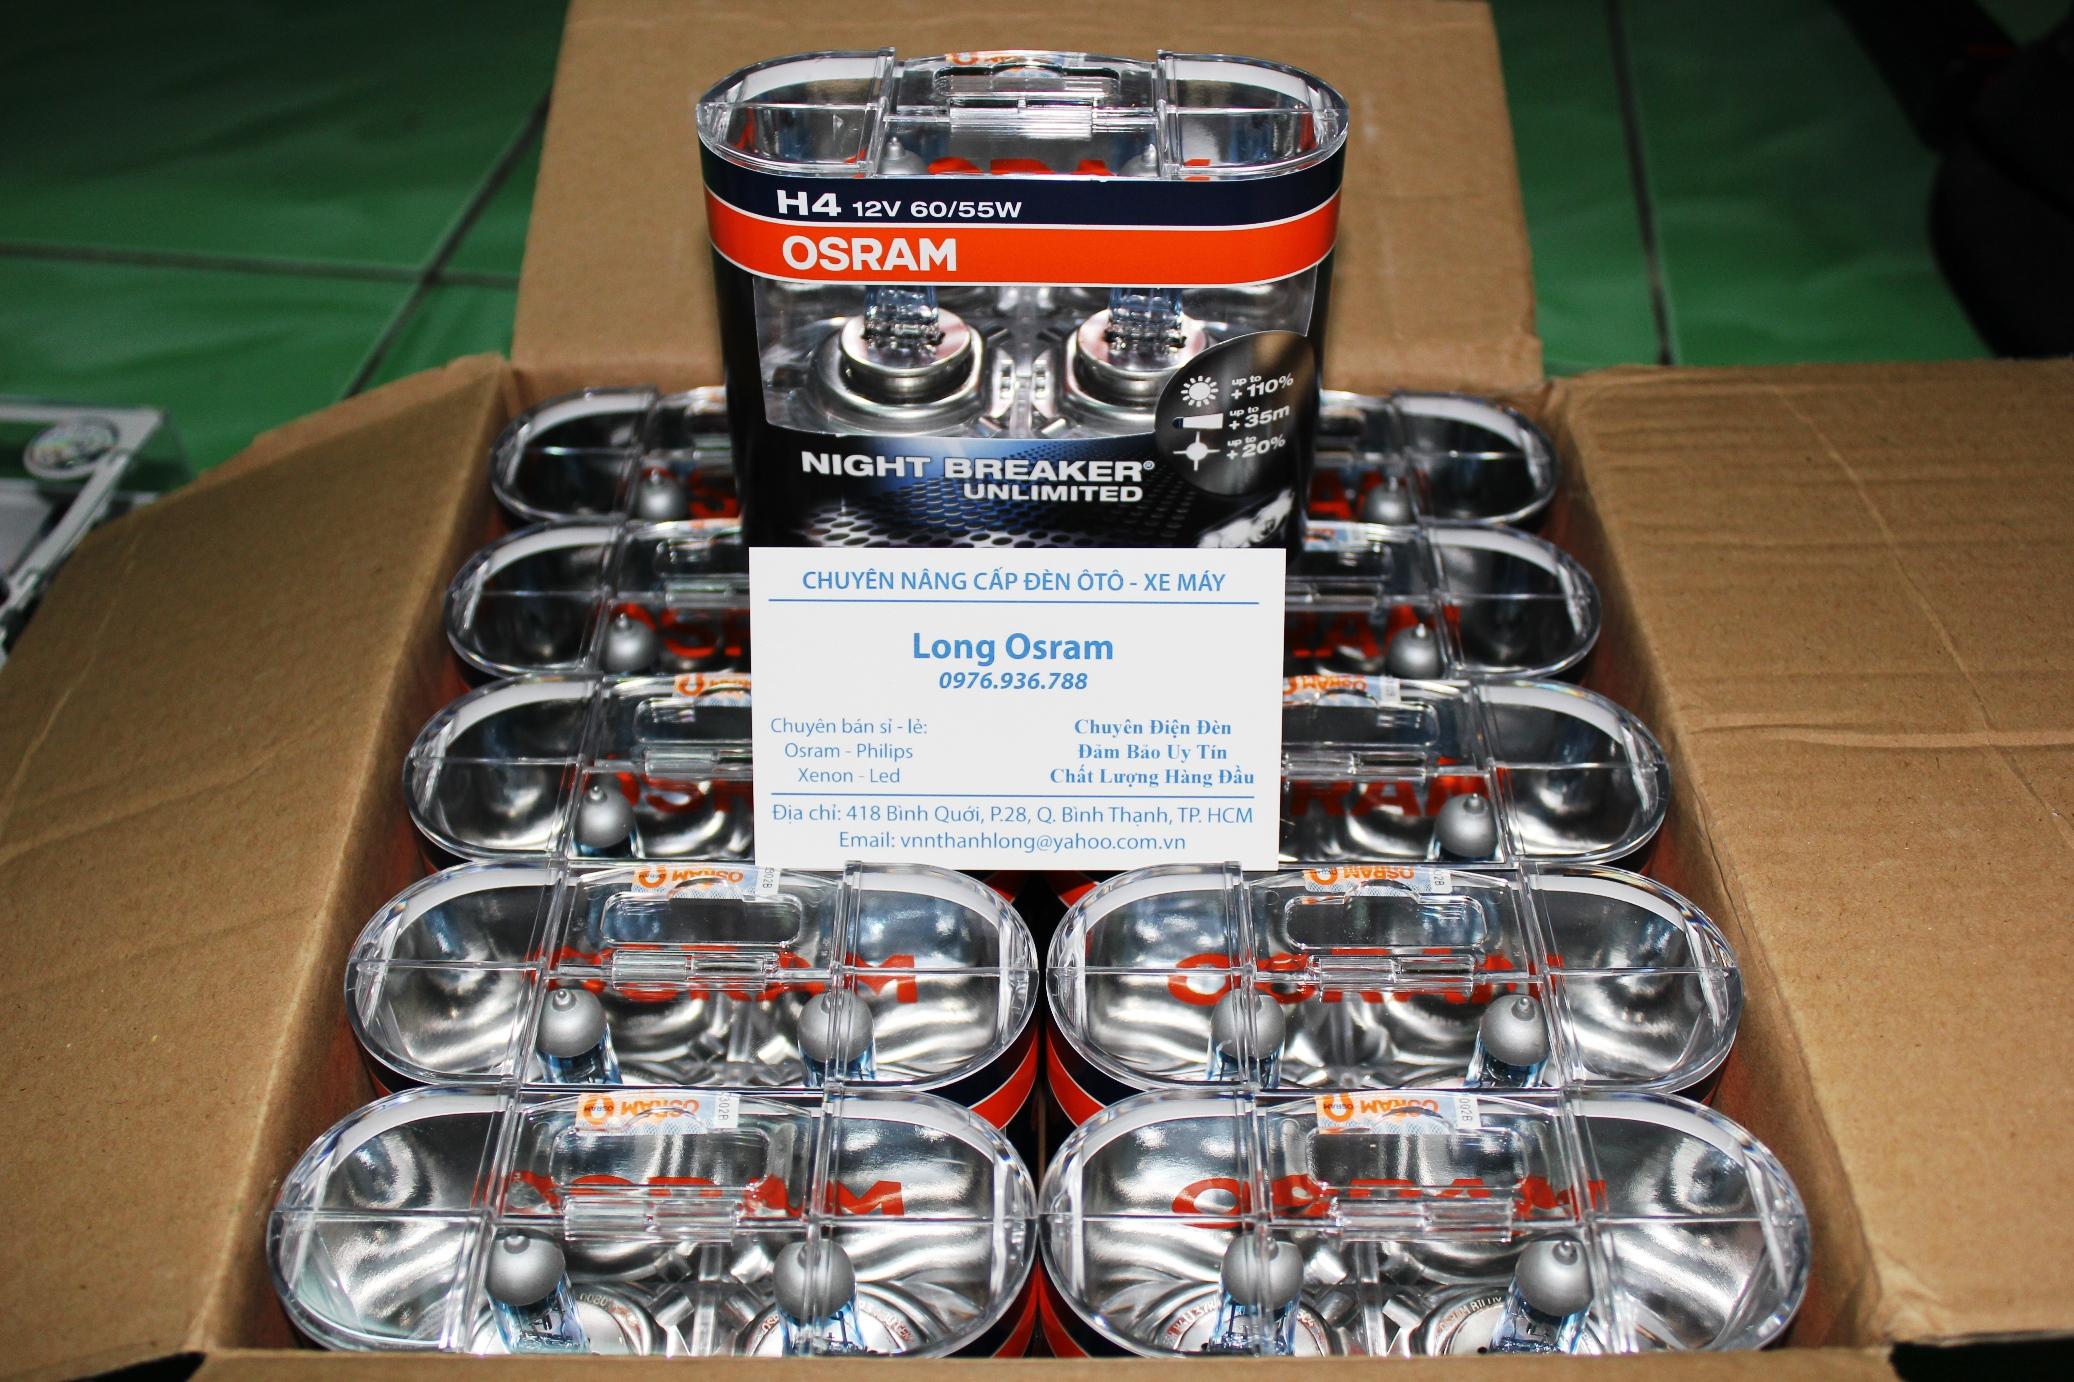 Osram Night Breaker, Philips Xtreme, Xenon Germany...ánh sáng cho xế yêu đây. - 4